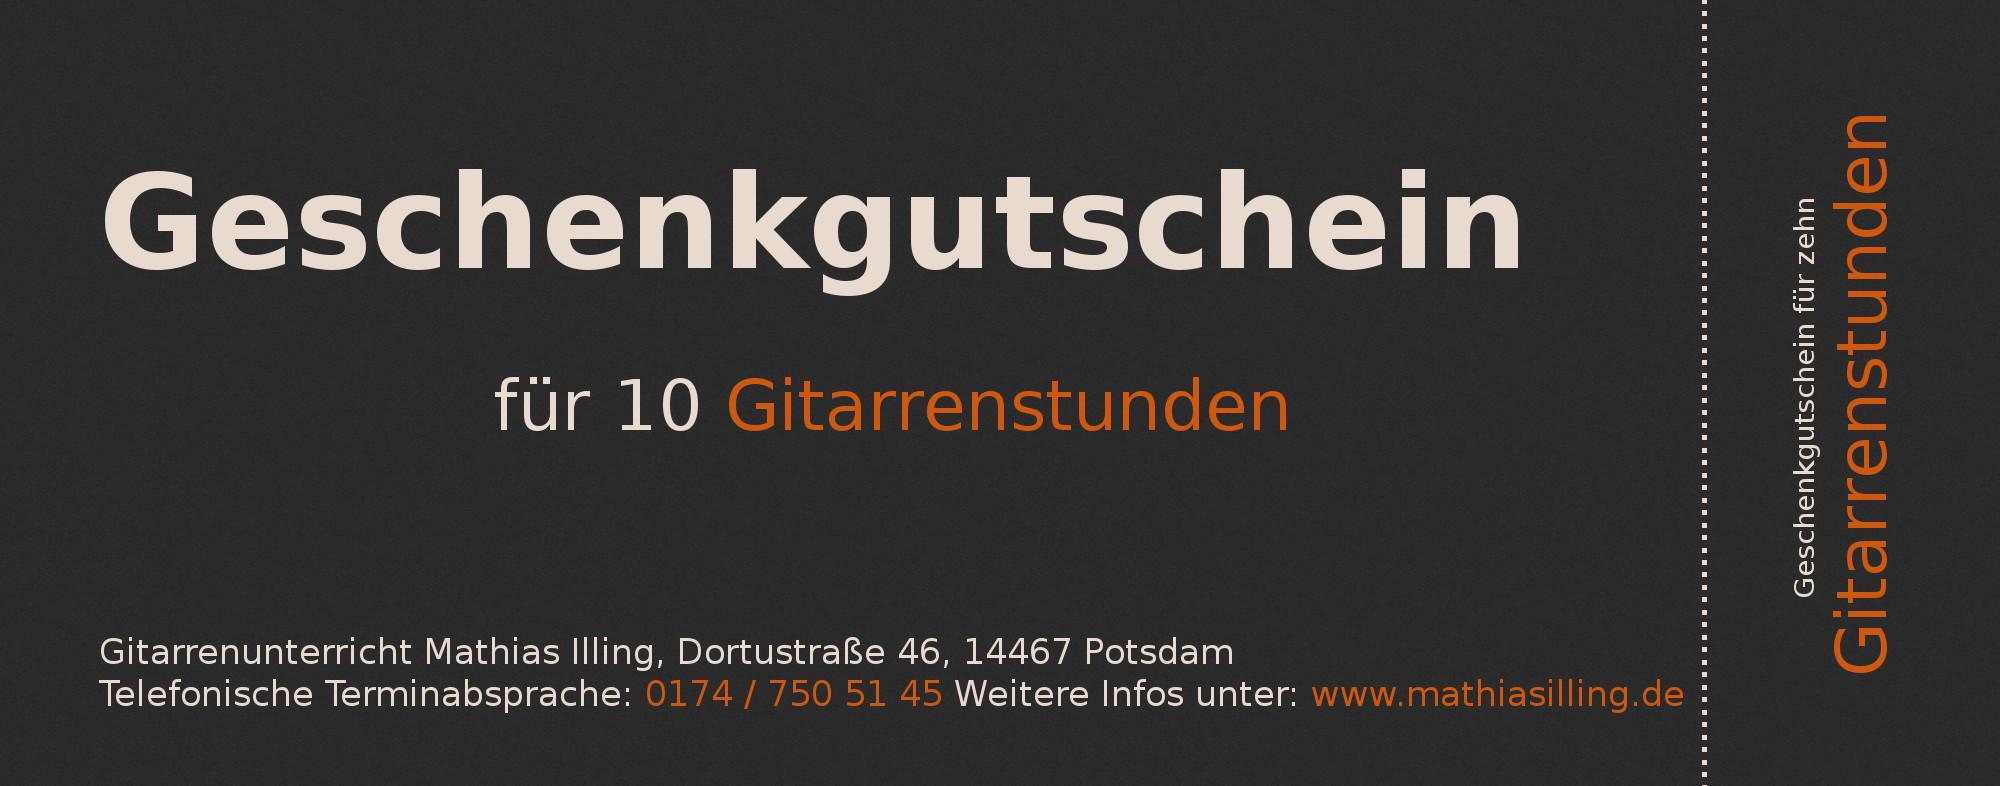 Geschenkgutschein für zehn Gitarrenstunden in Potsdam, Geschenkidee, Geschenk für Potsdam